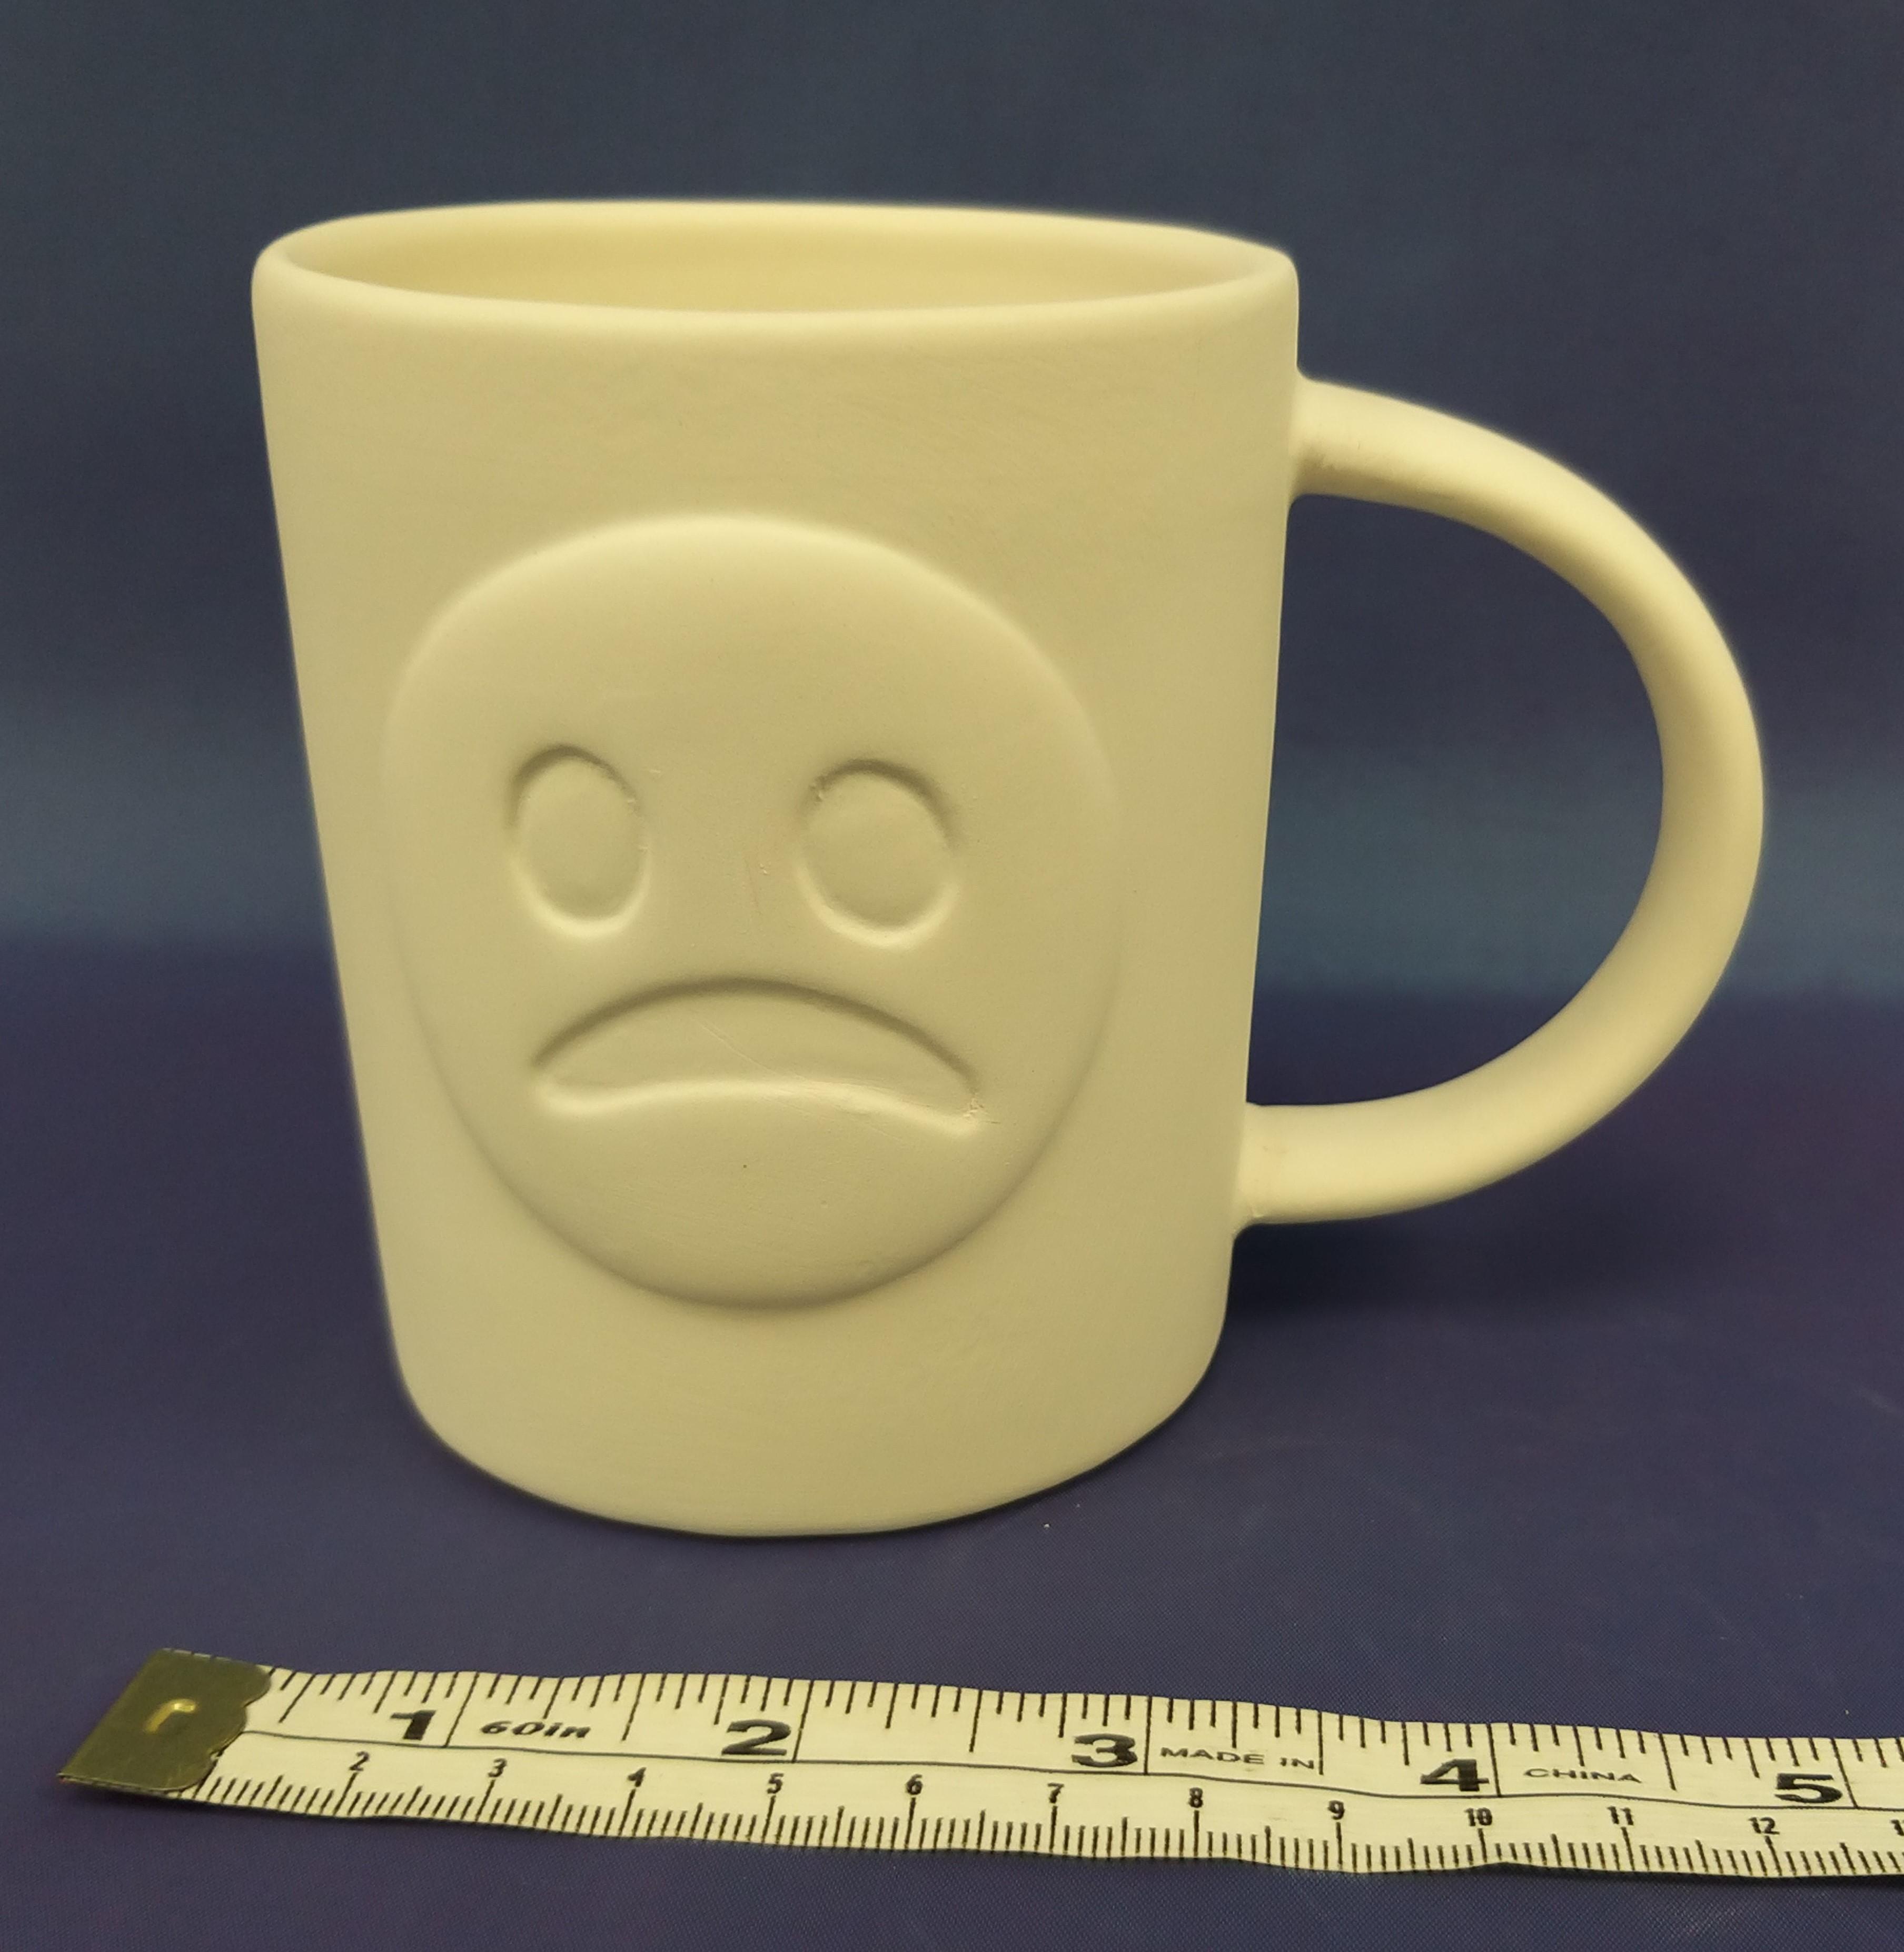 Emoji Happy and Sad Face Mug